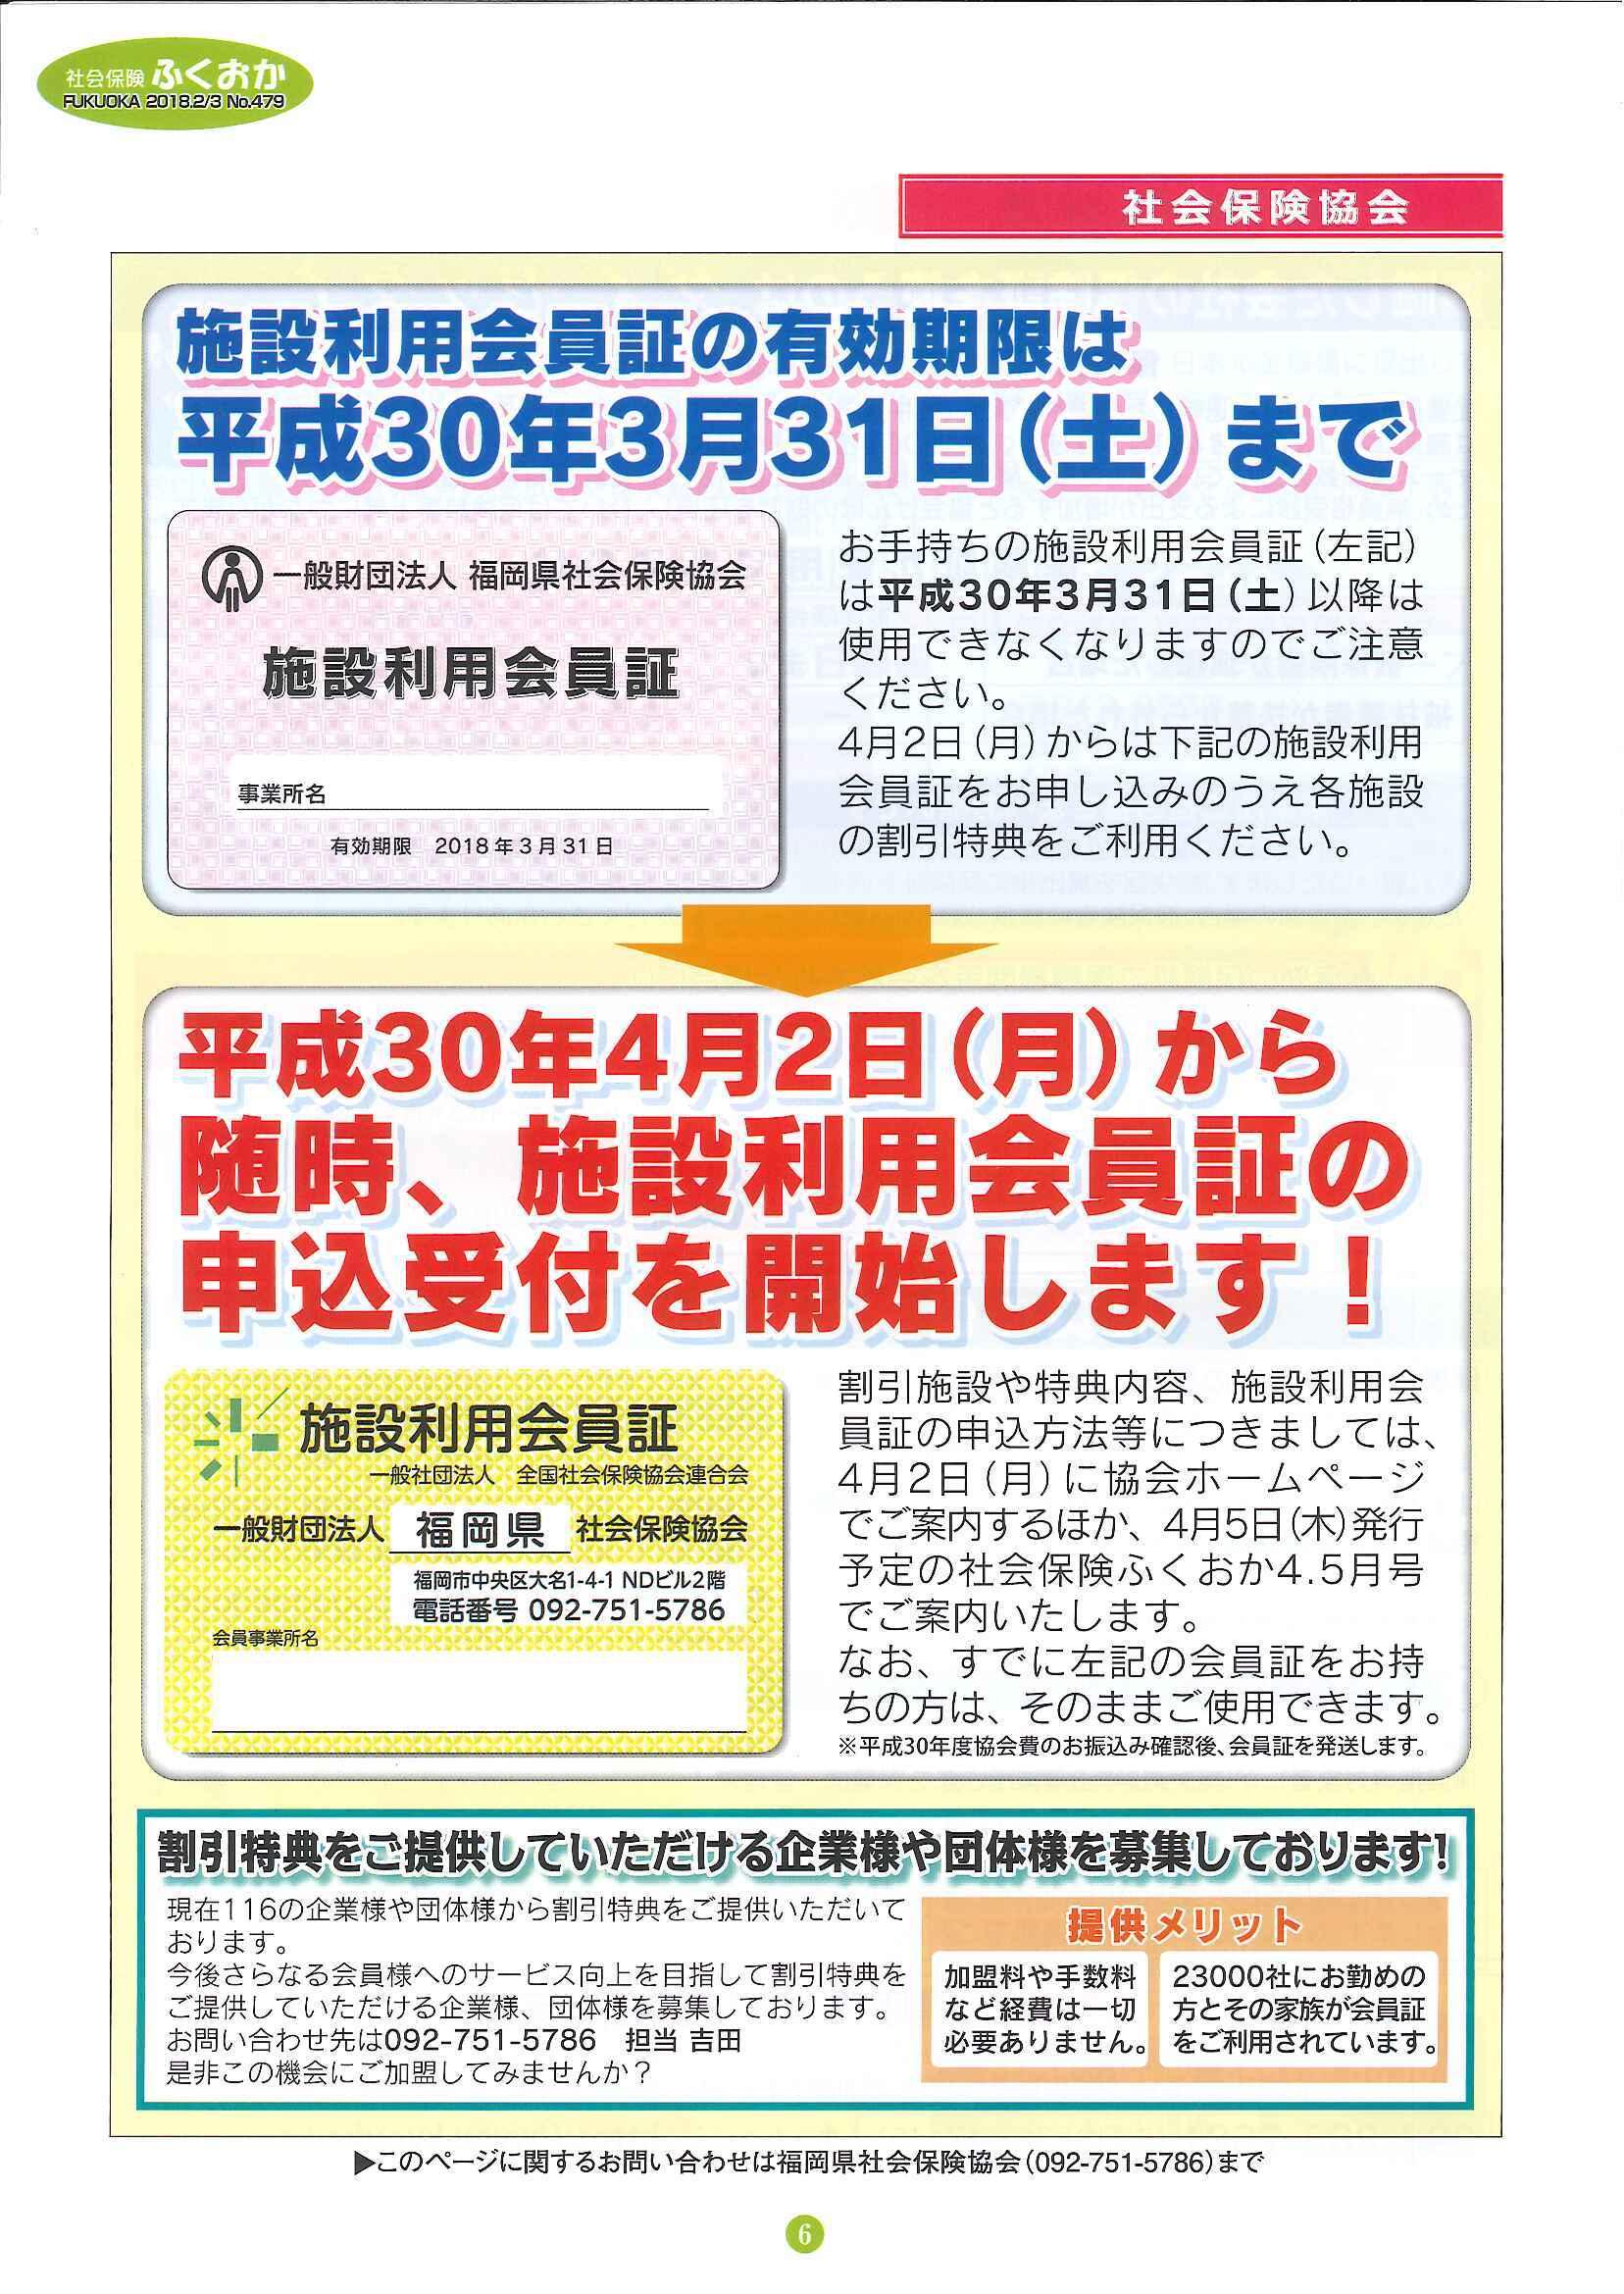 社会保険 「ふくおか」2018年2・3月号_f0120774_16013956.jpg